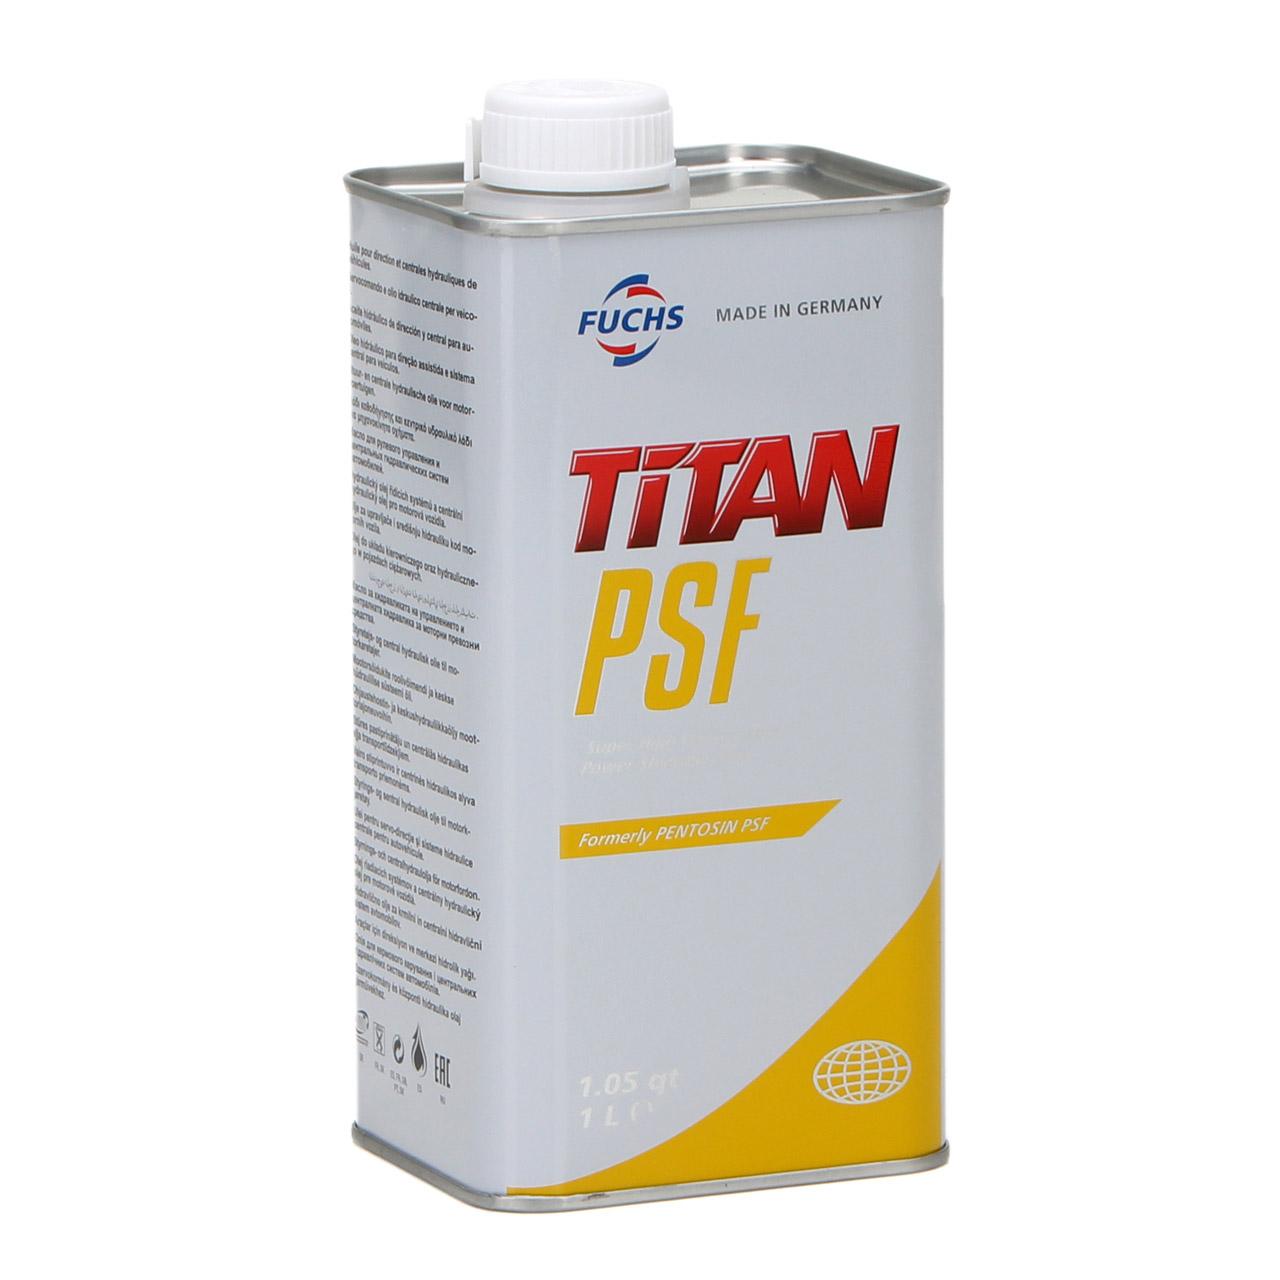 FUCHS Pentosin TITAN Hydrauliköl Zentralhydrauliköl PSF MB 236.3 - 1L 1 Liter